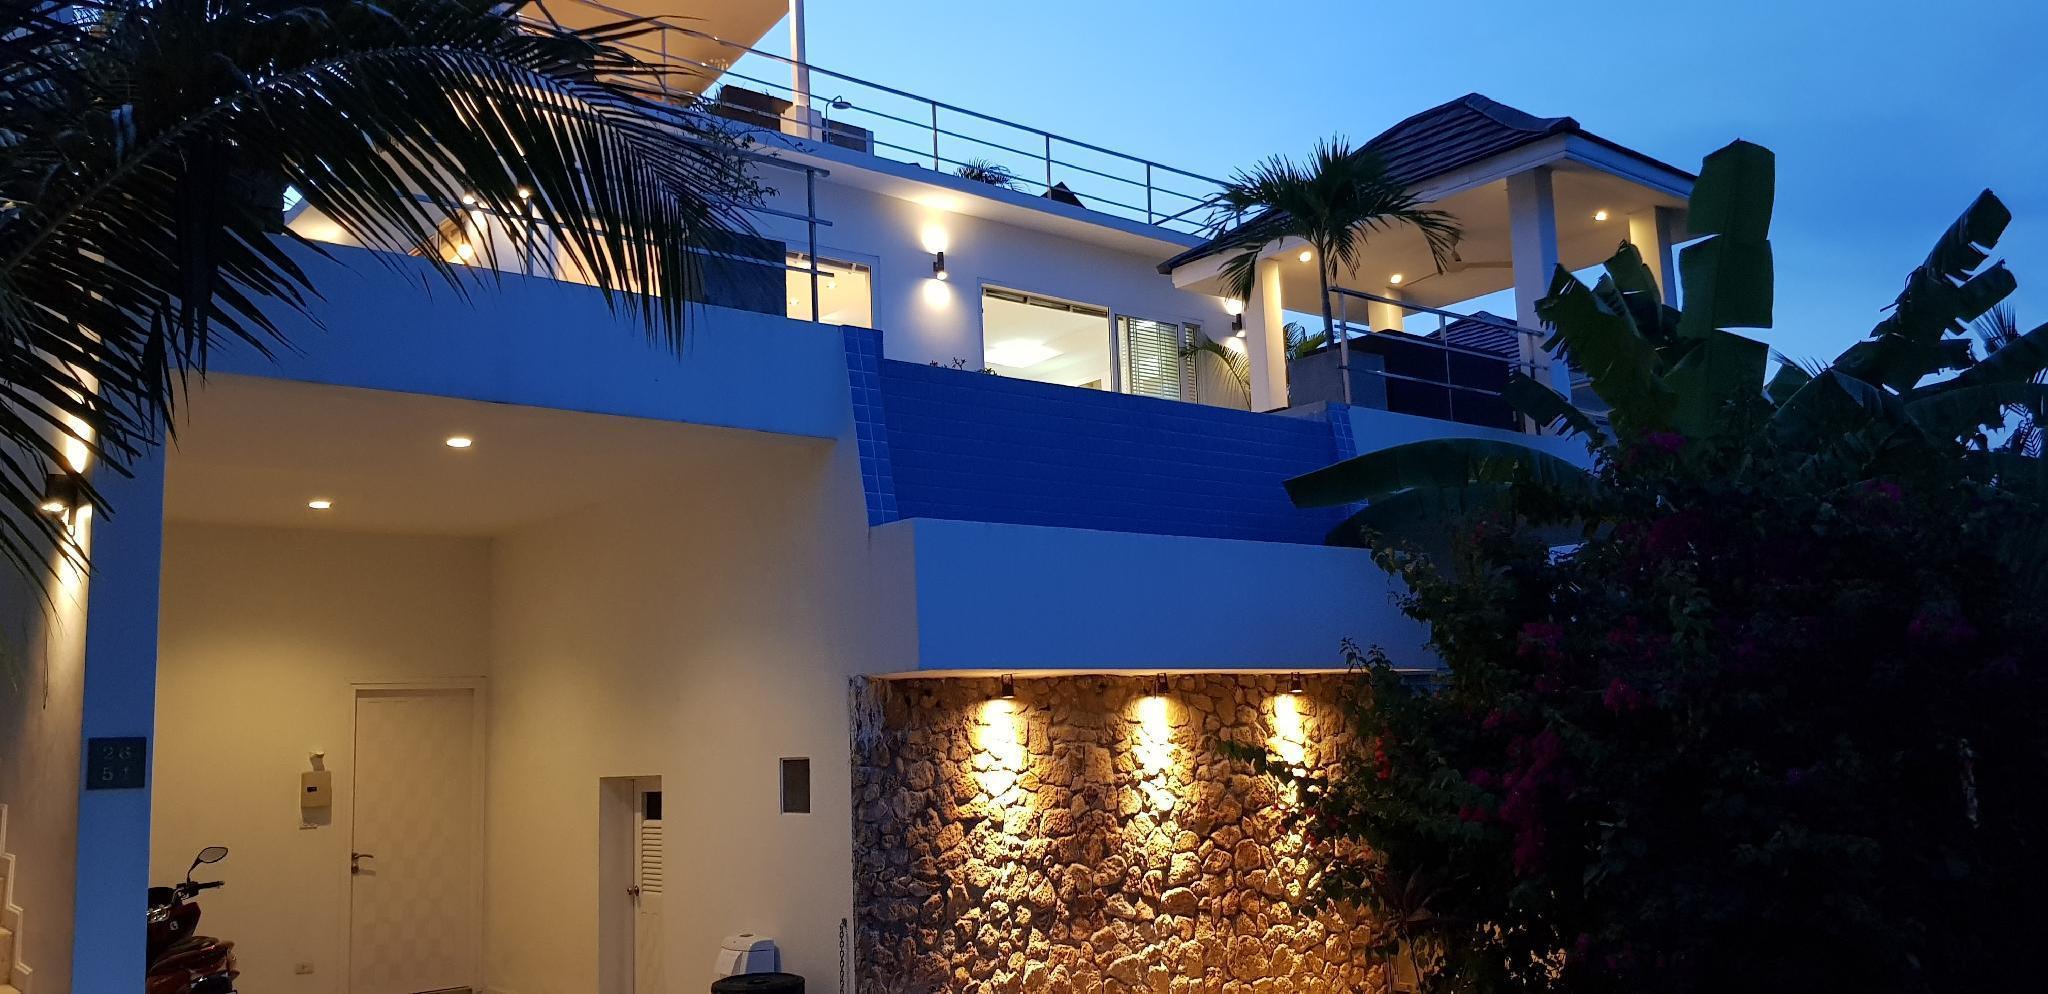 Paradis Villa วิลลา 4 ห้องนอน 3 ห้องน้ำส่วนตัว ขนาด 450 ตร.ม. – หาดเฉวง